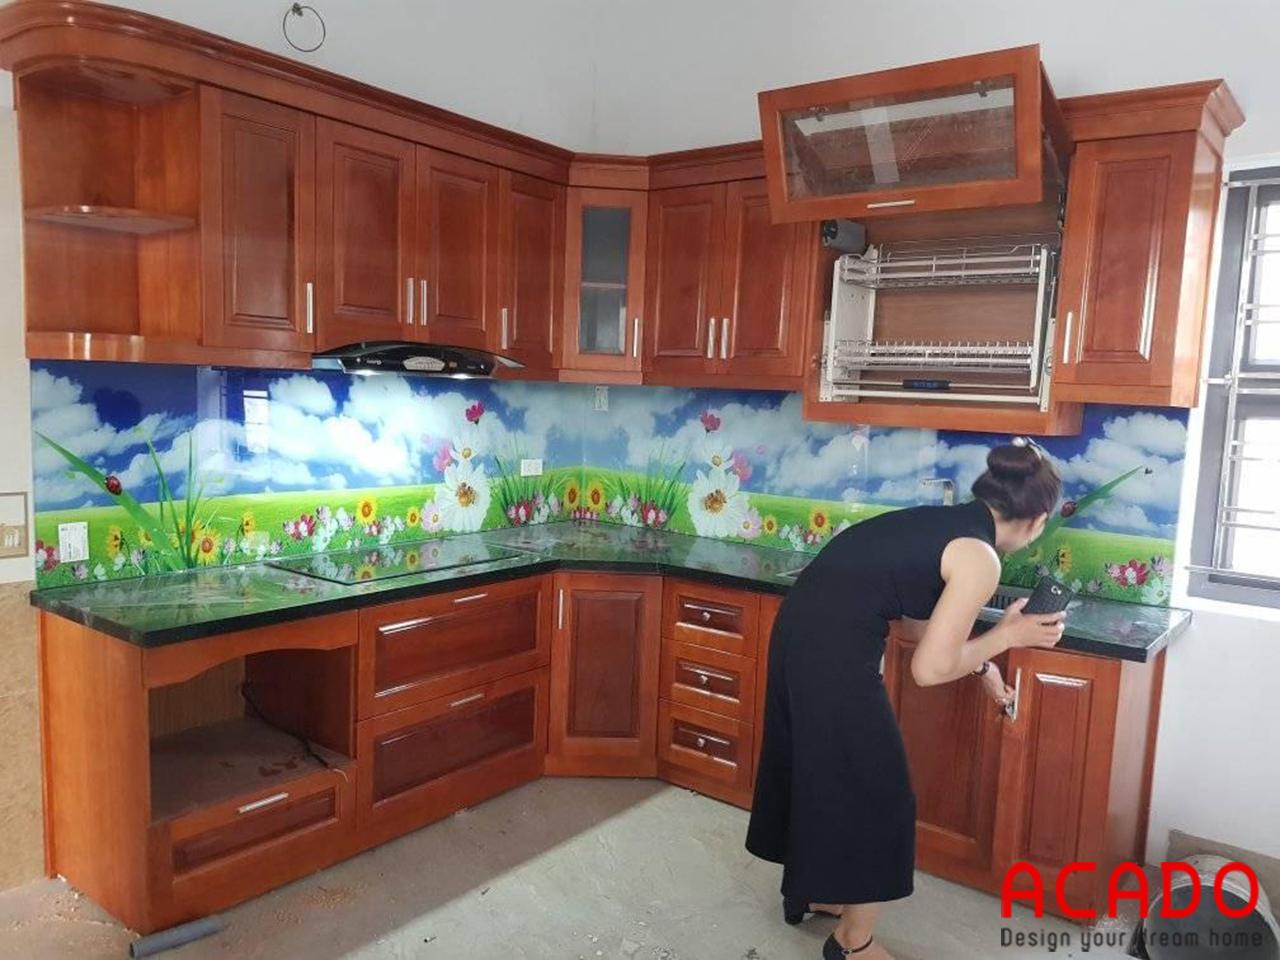 ACADO - đơn vị thi công tủ bếp và kính ốp bếp 3d uy tín - chất lượng tại Hà Nội